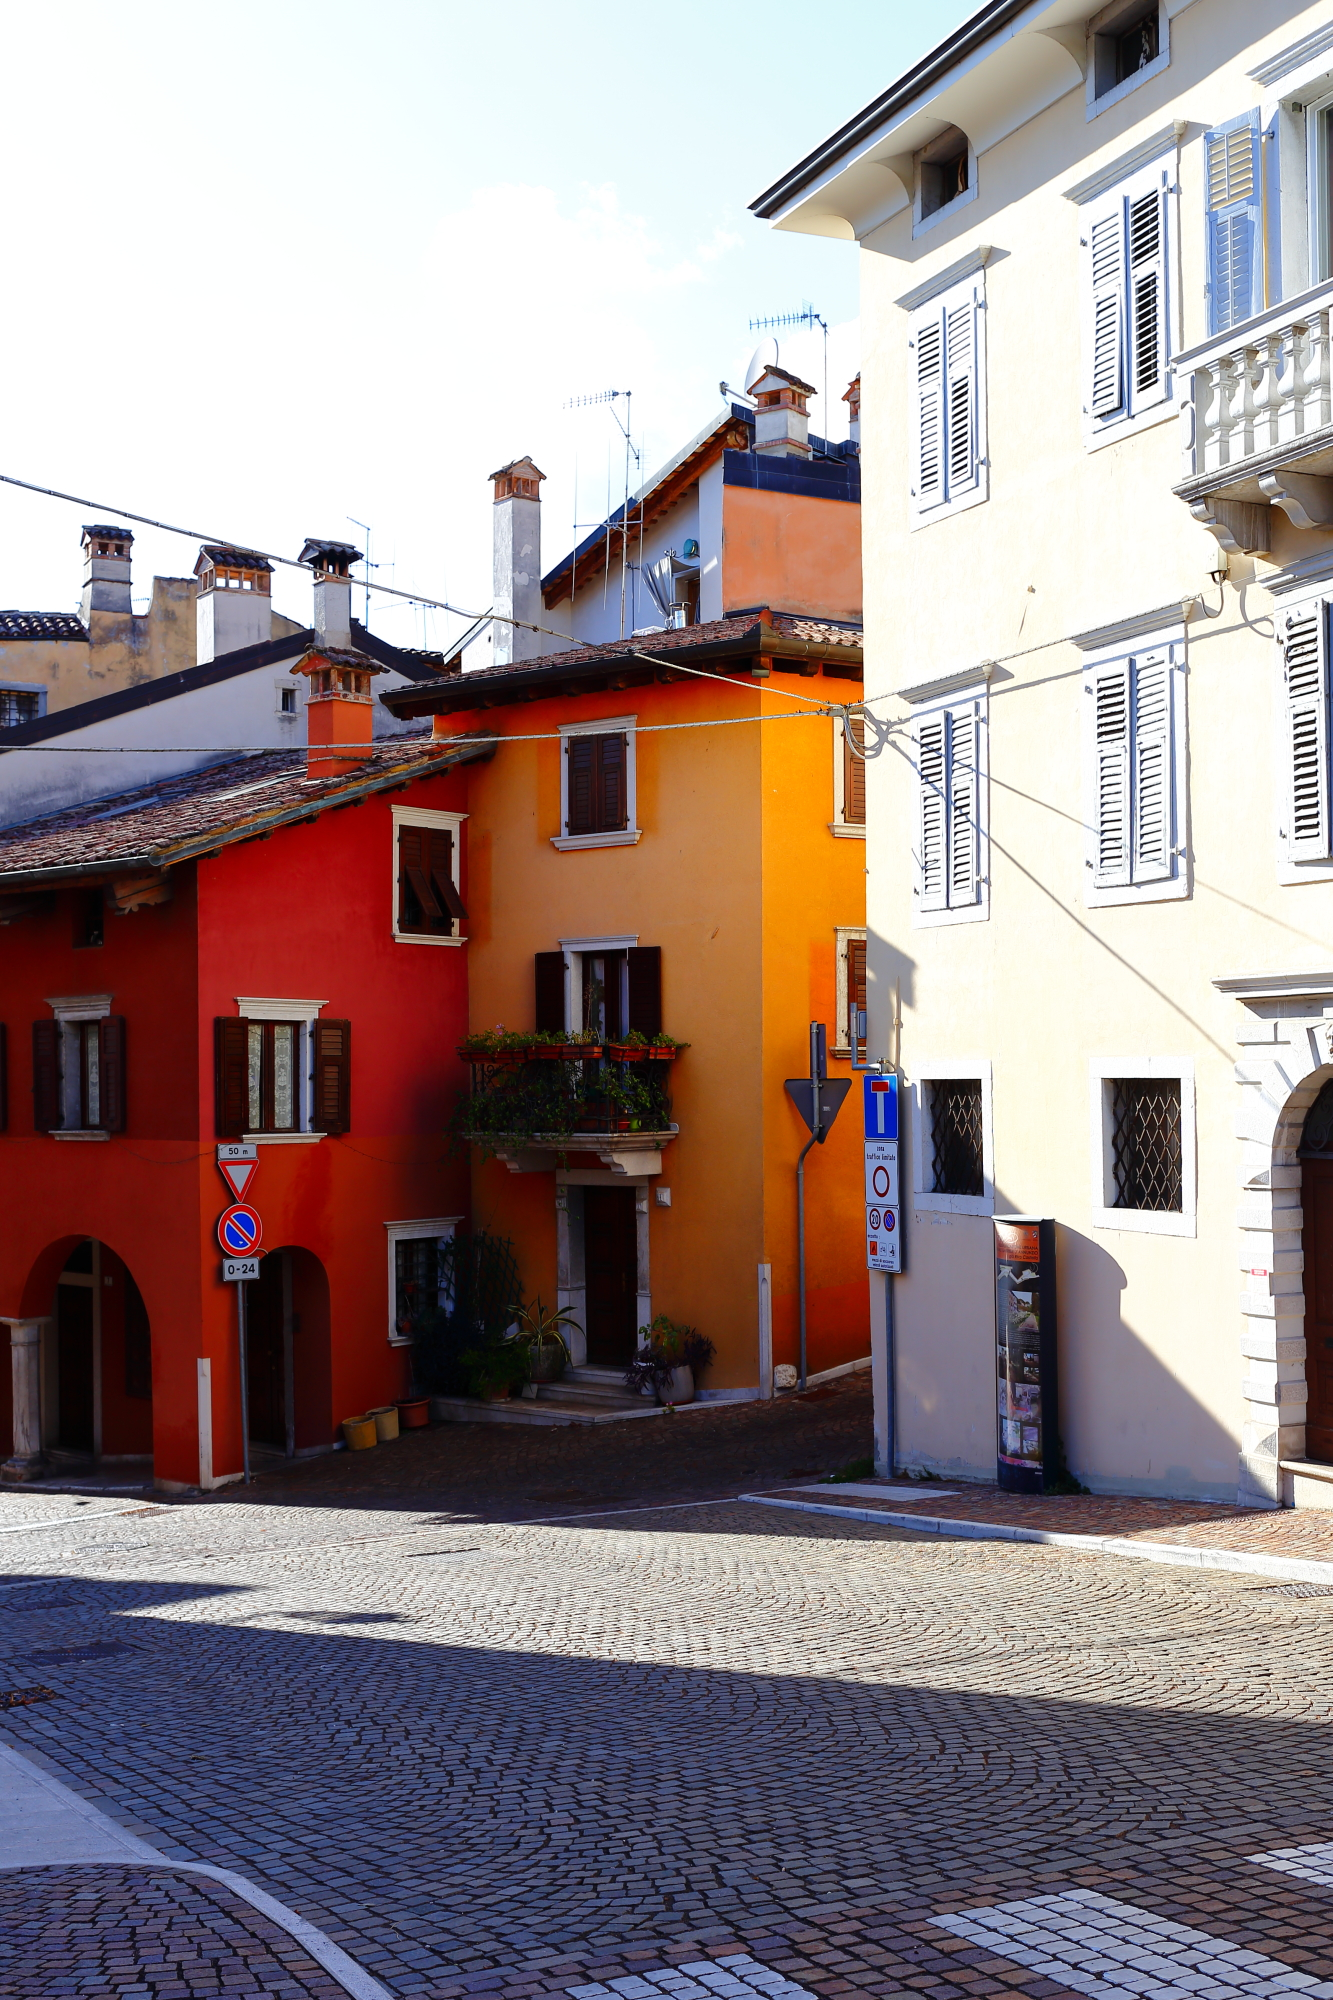 Gorizia Gorycja Friuli Venezia Giulia